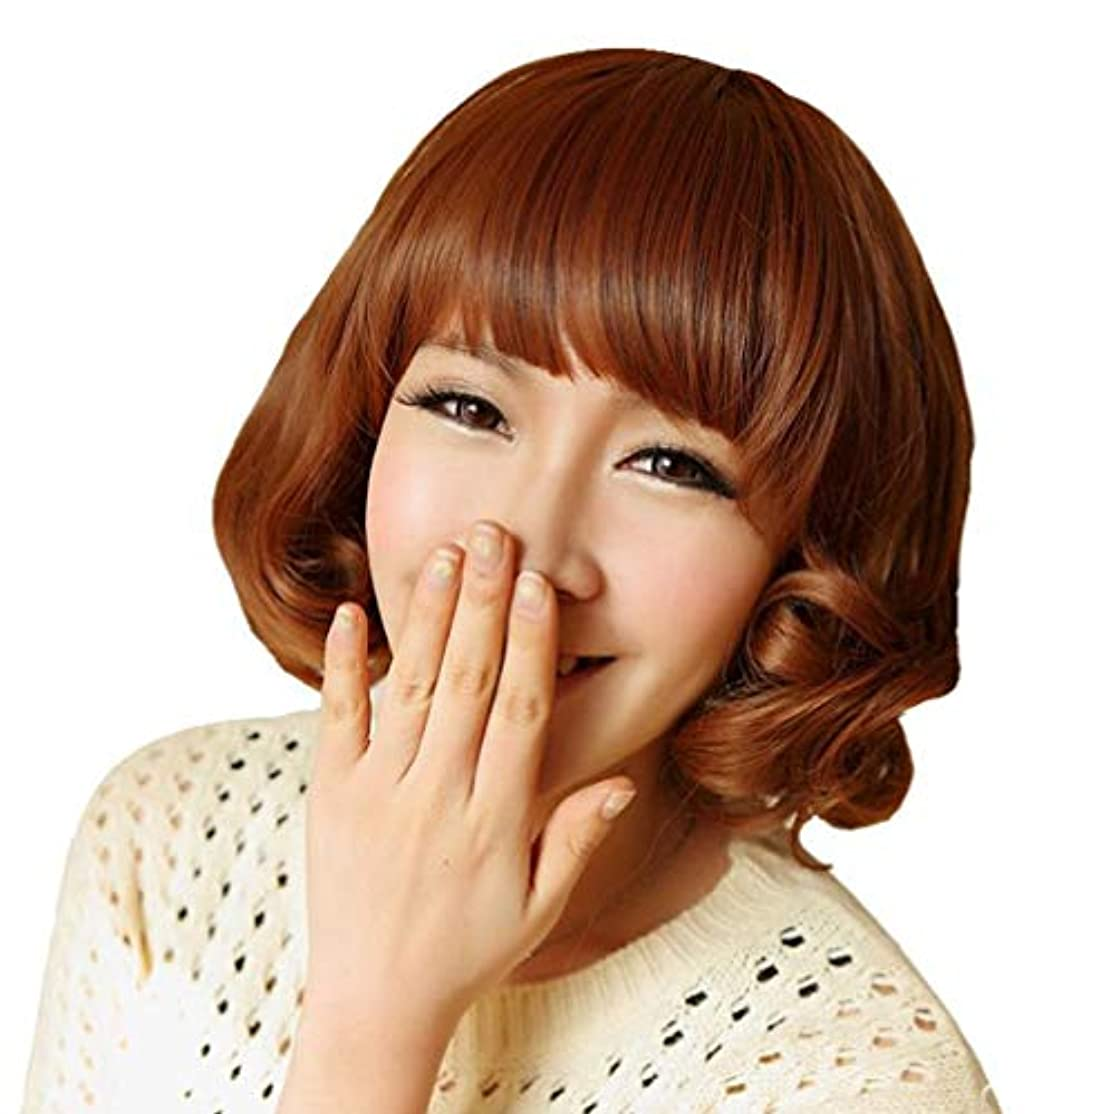 幽霊中止します電圧かつら女性ショートヘアボボヘッド空気前髪現実的な髪型 LH2206 (画像の色)